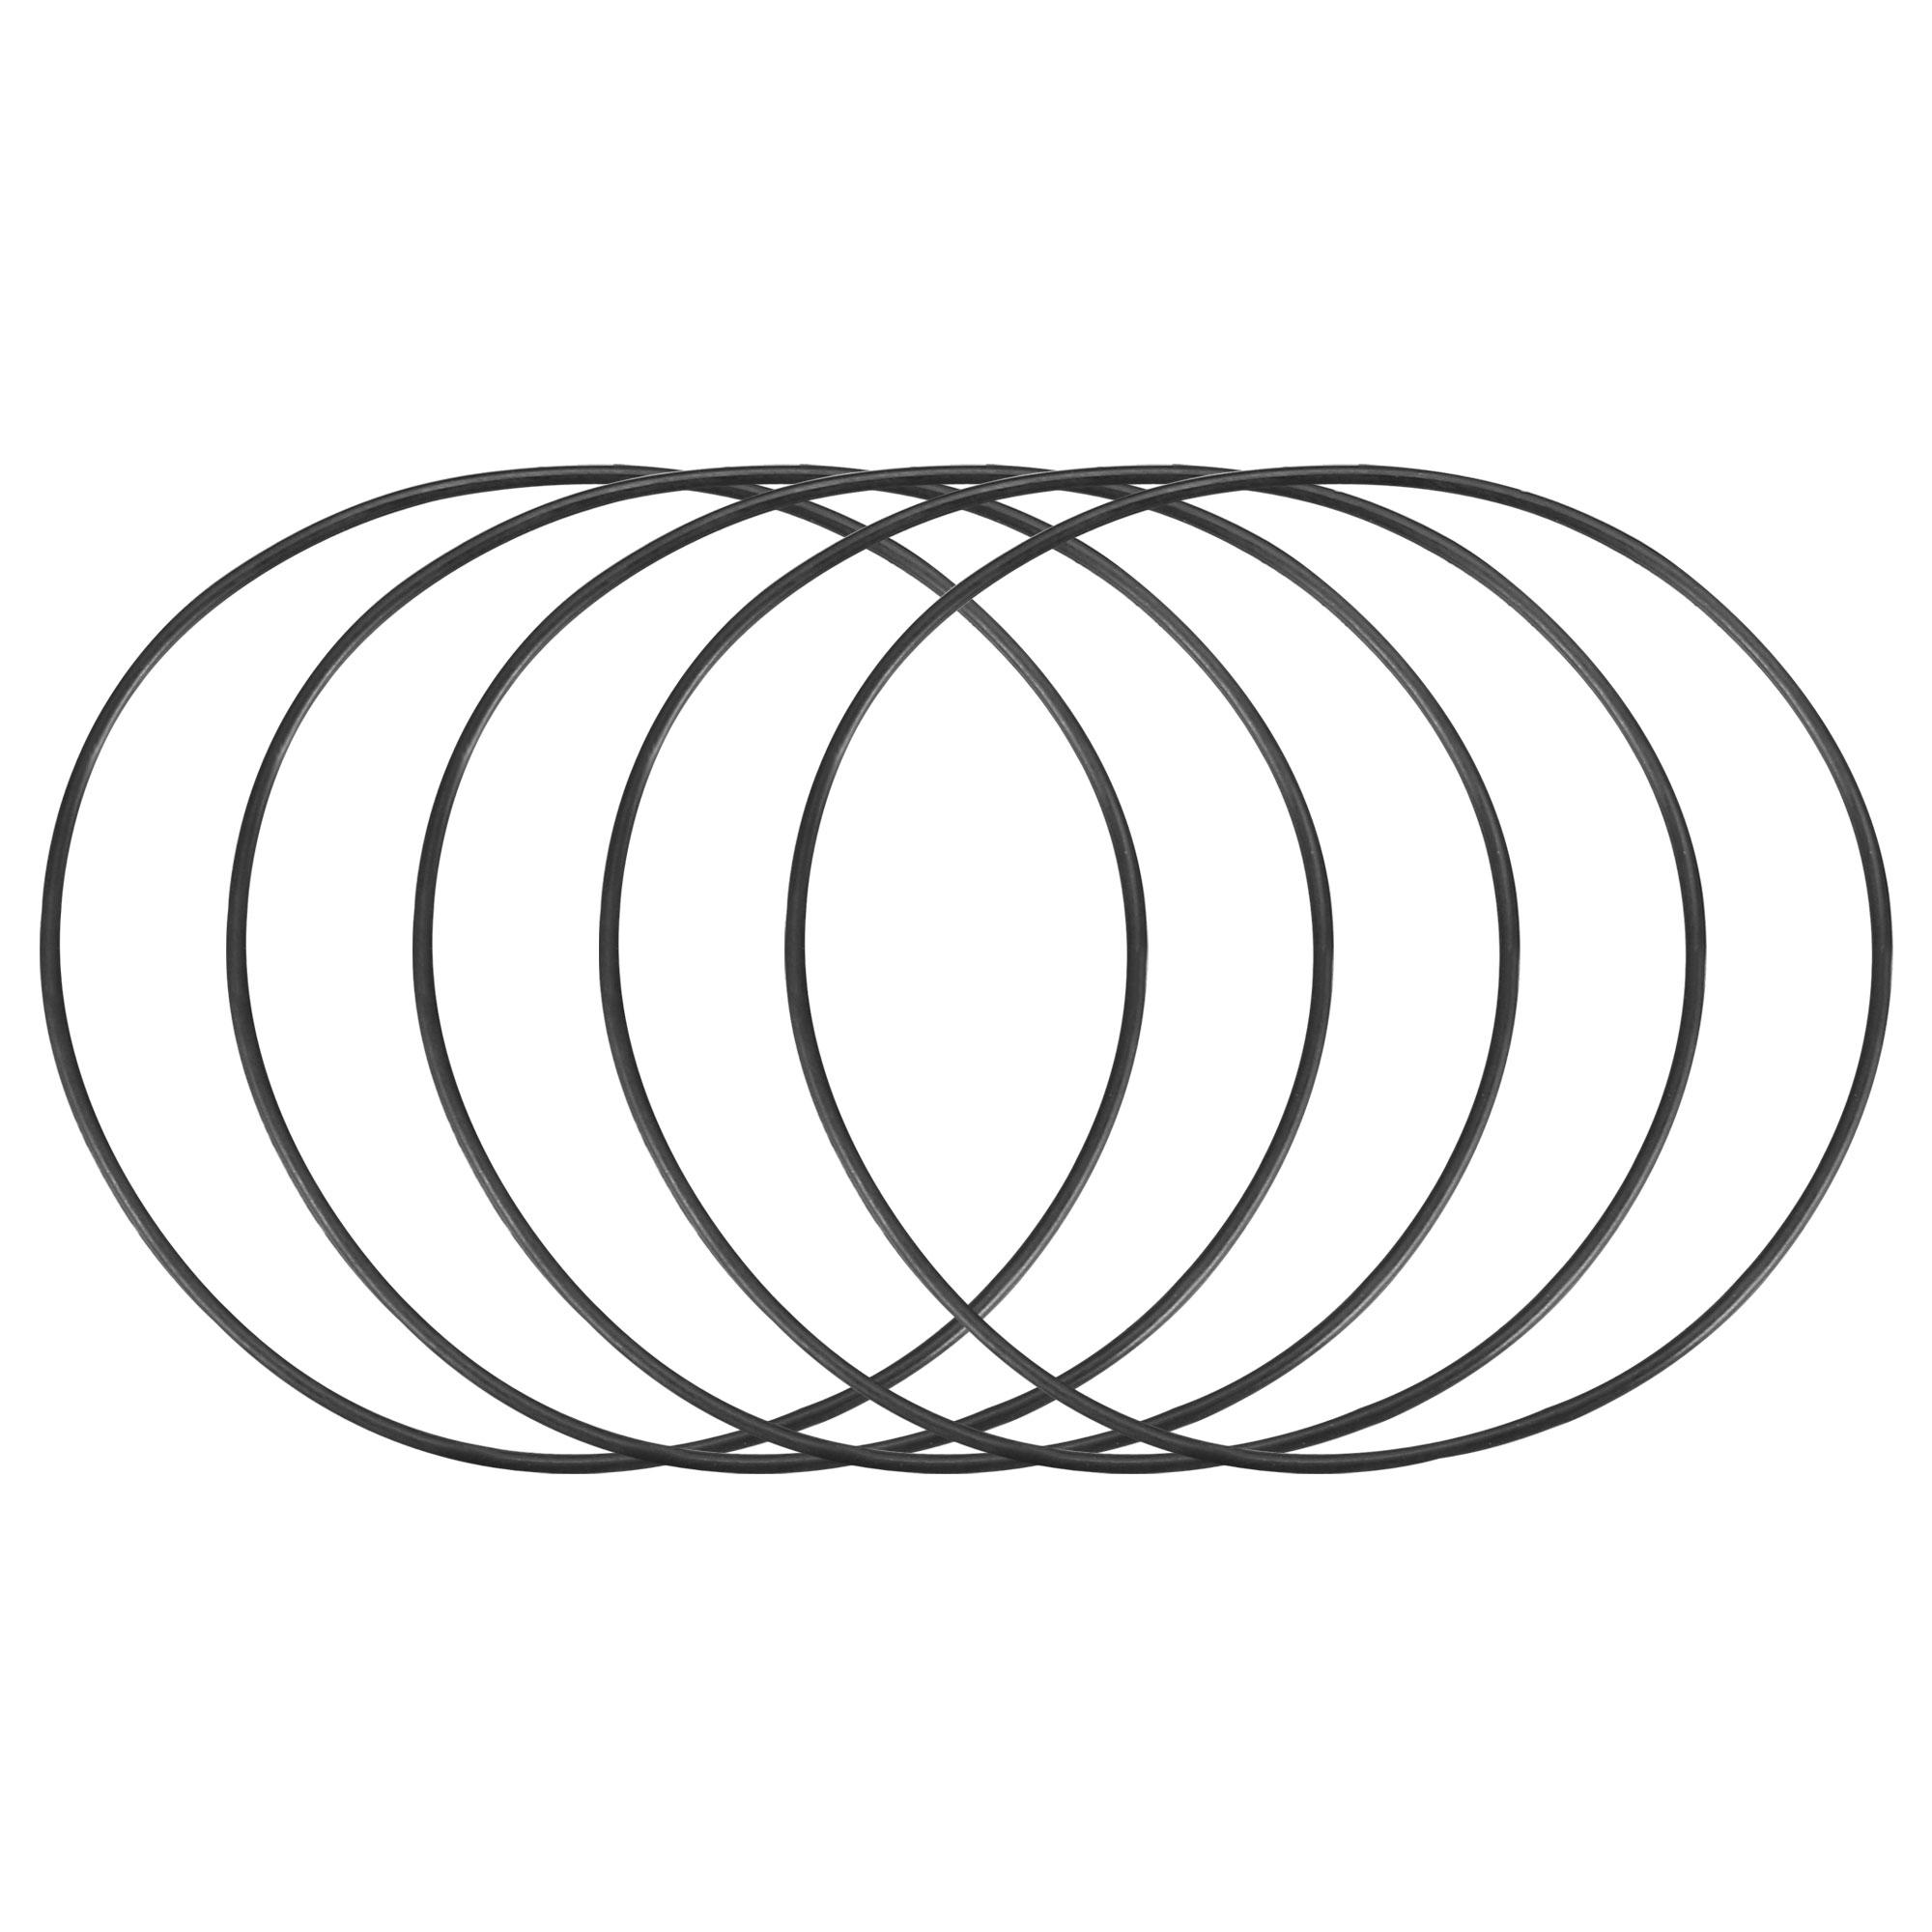 5pcs Black Nitrile Butadiene Rubber NBR O-Ring 48mm Inner Dia 1mm Width